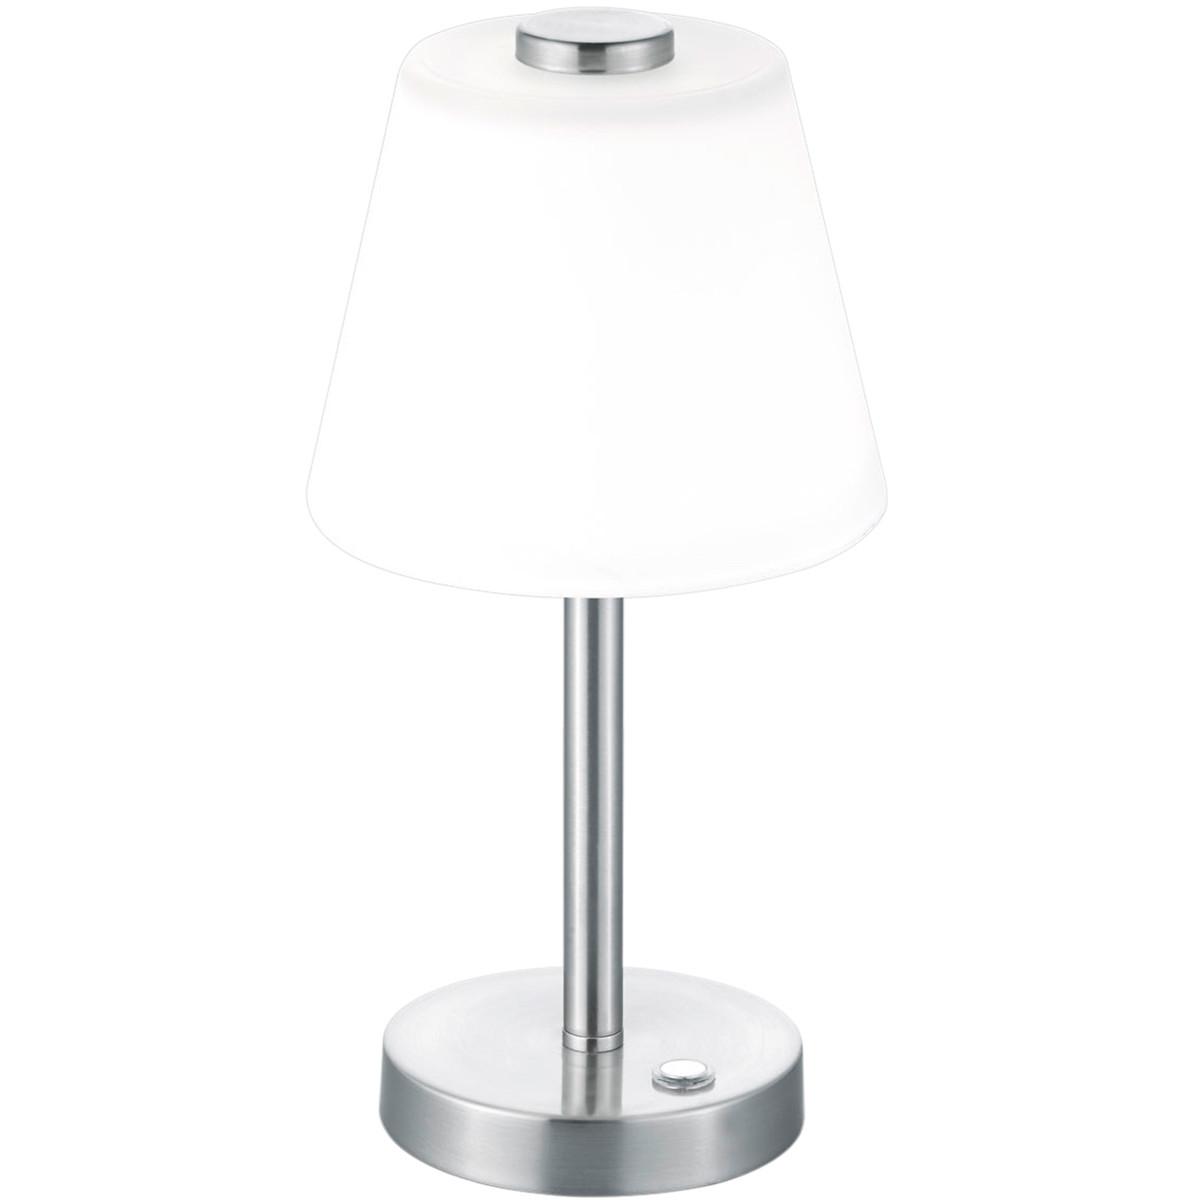 LED Tafellamp - Trion Emaro - 4W - Warm Wit 3000K - Dimbaar - Rond - Mat Nikkel